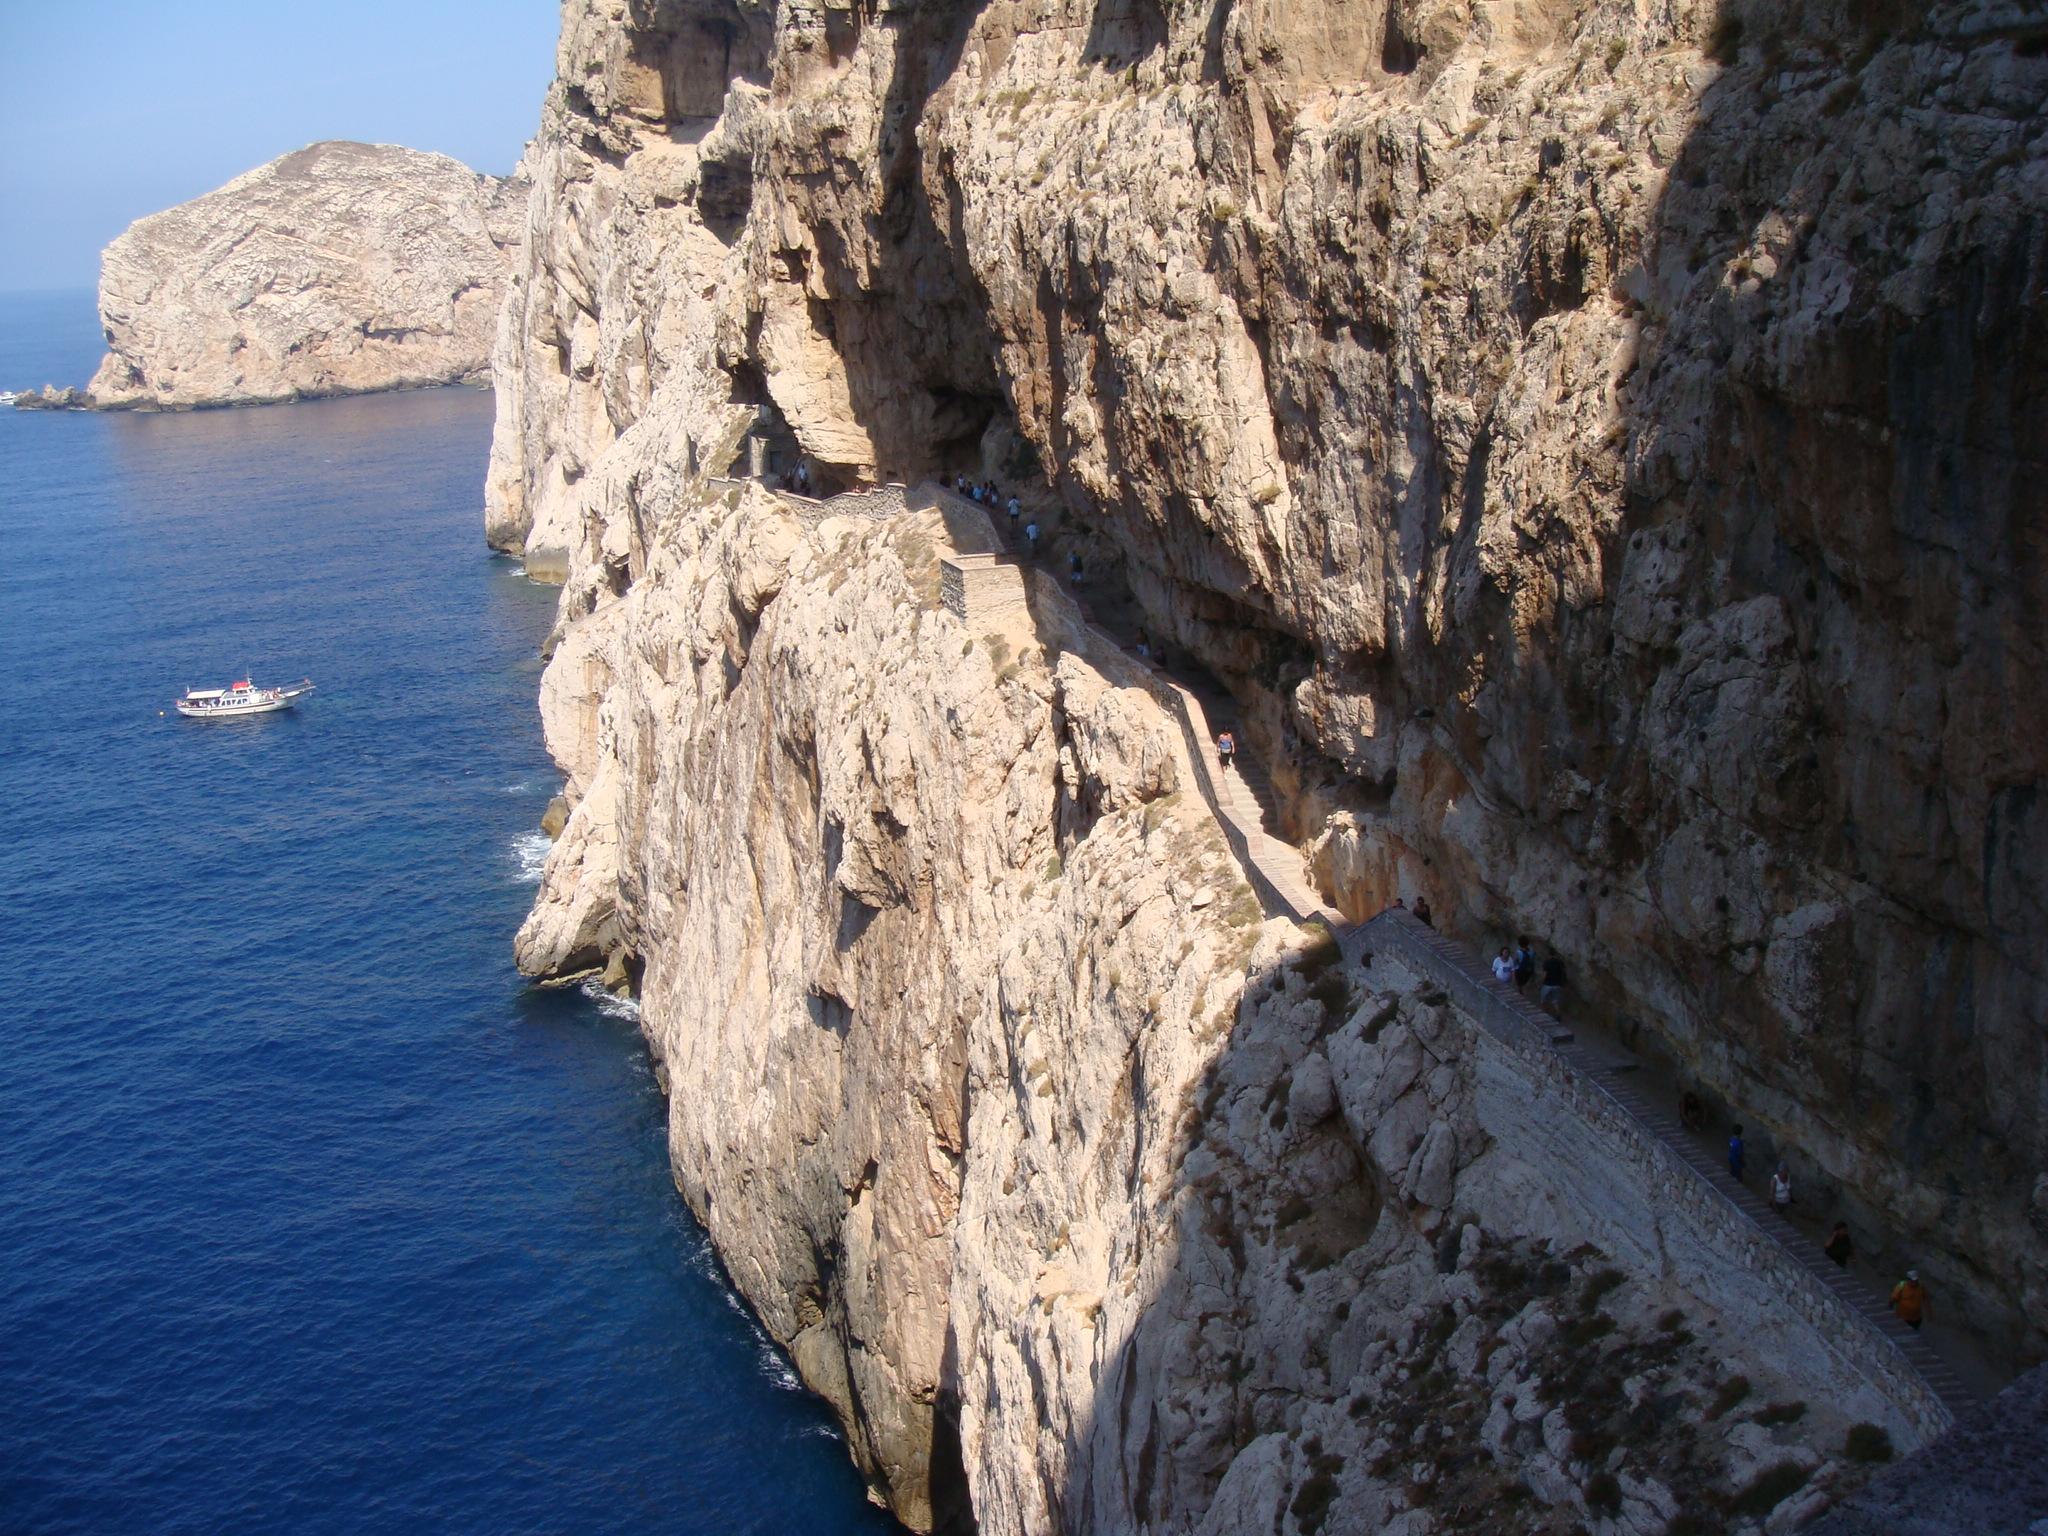 grotta-di-neptuno-alghero-acceso2